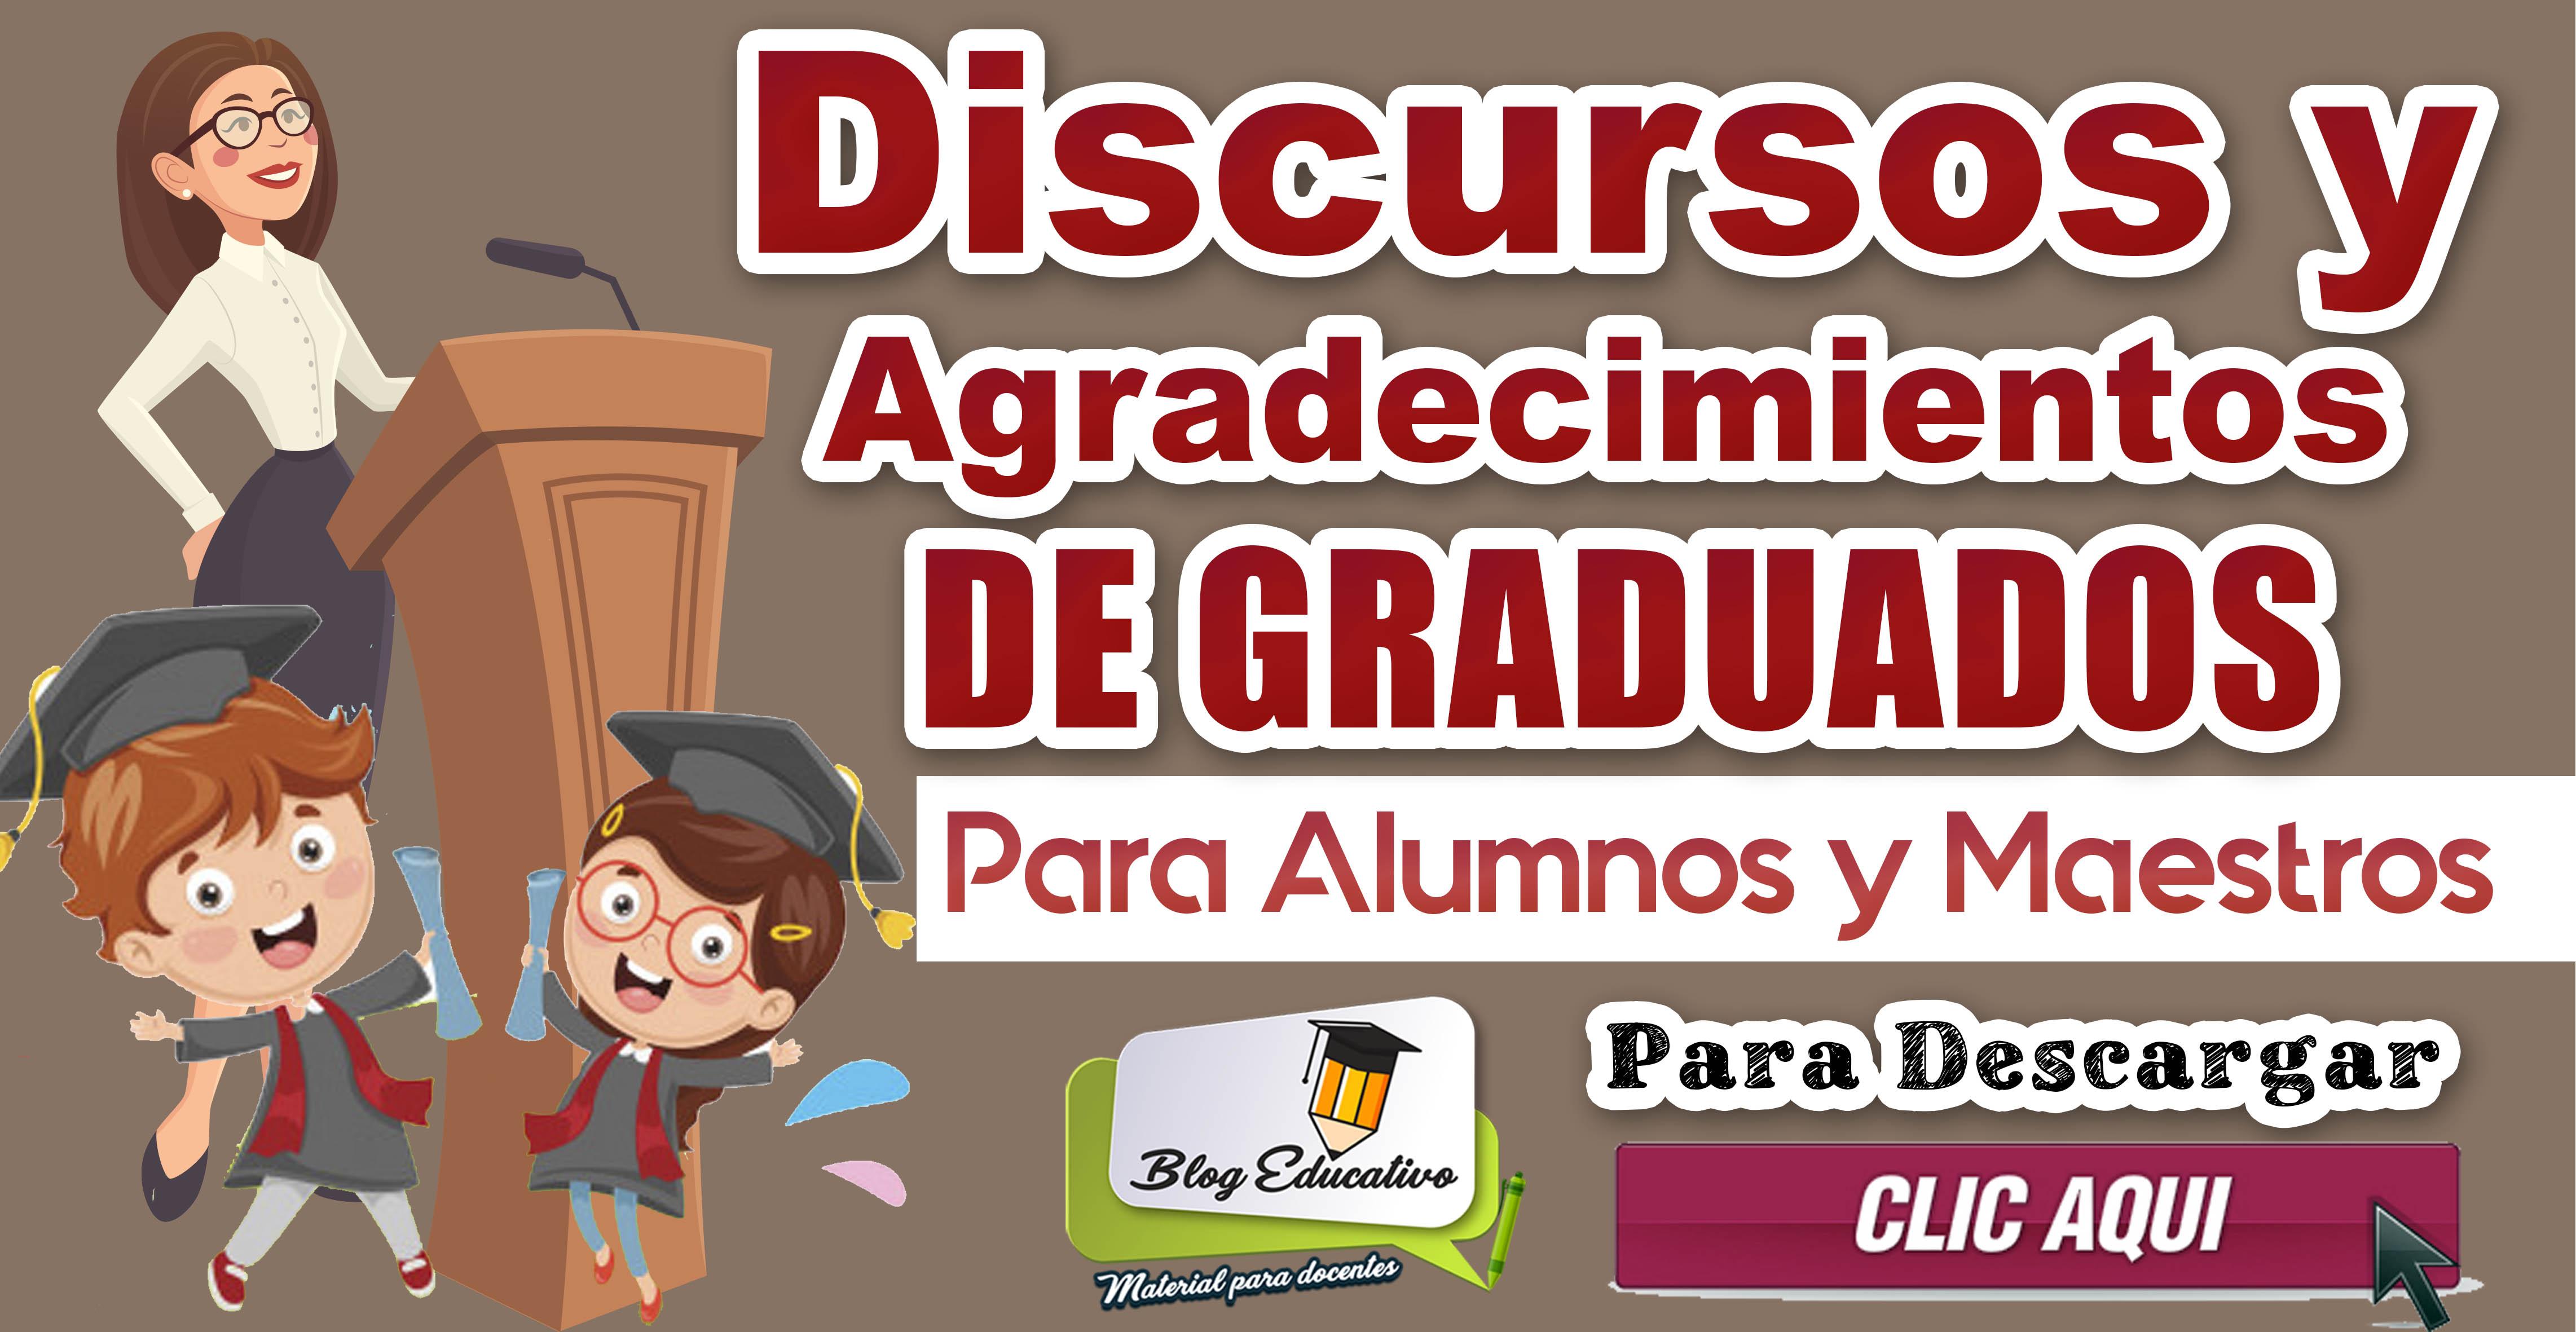 Discursos Y Agradecimientos De Graduados Para Alumnos Y Maestros